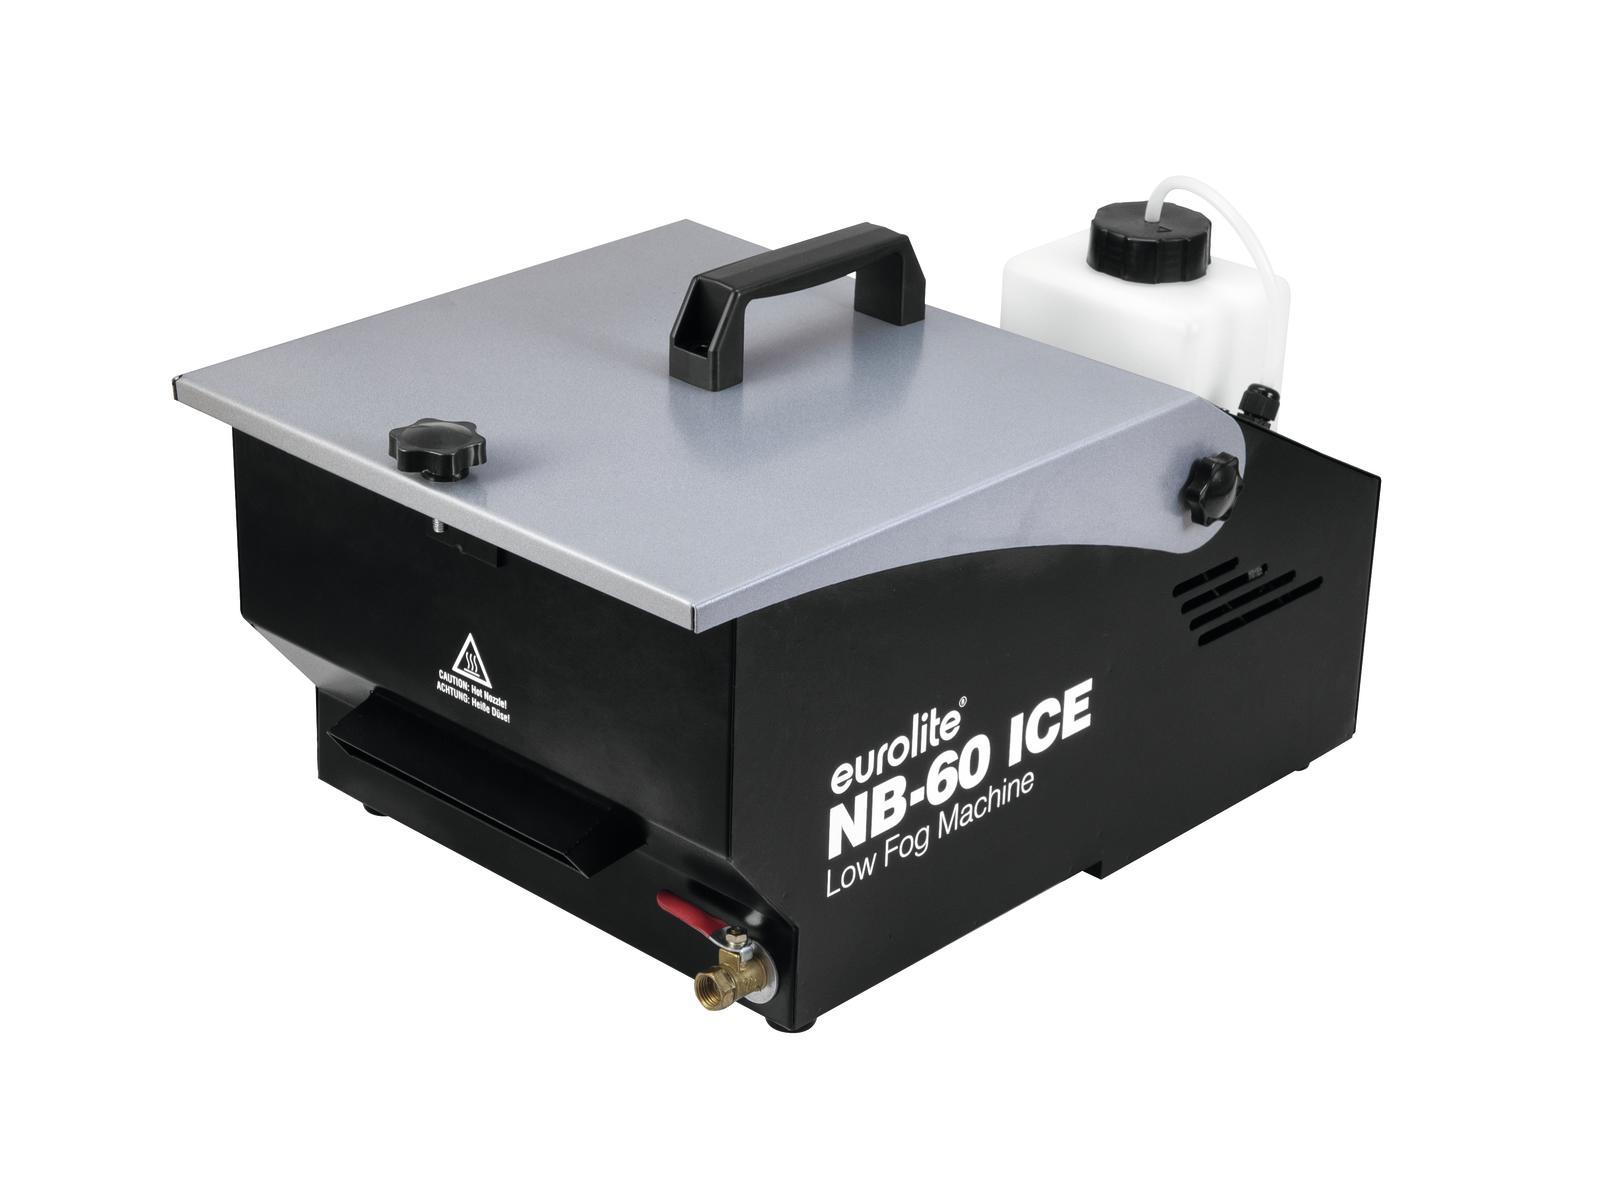 Eurolite NB-60 ICE Low Fog